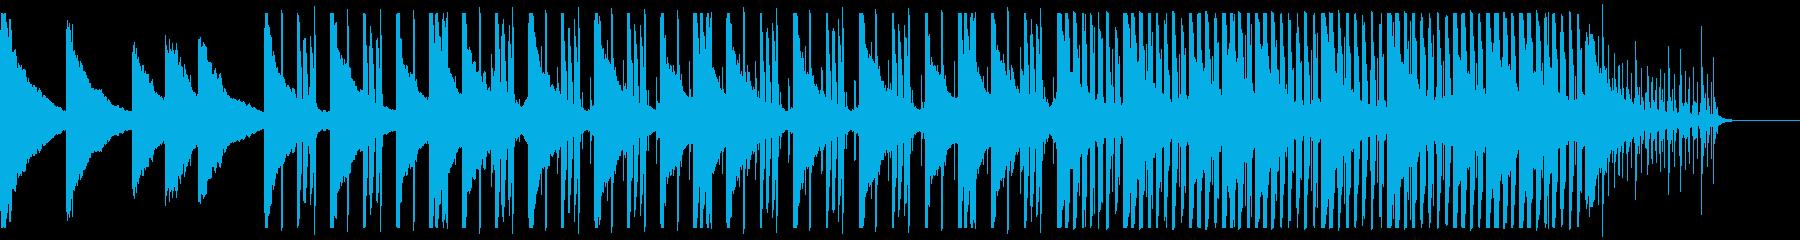 企業VP用BGM クール&洗練 Aの再生済みの波形